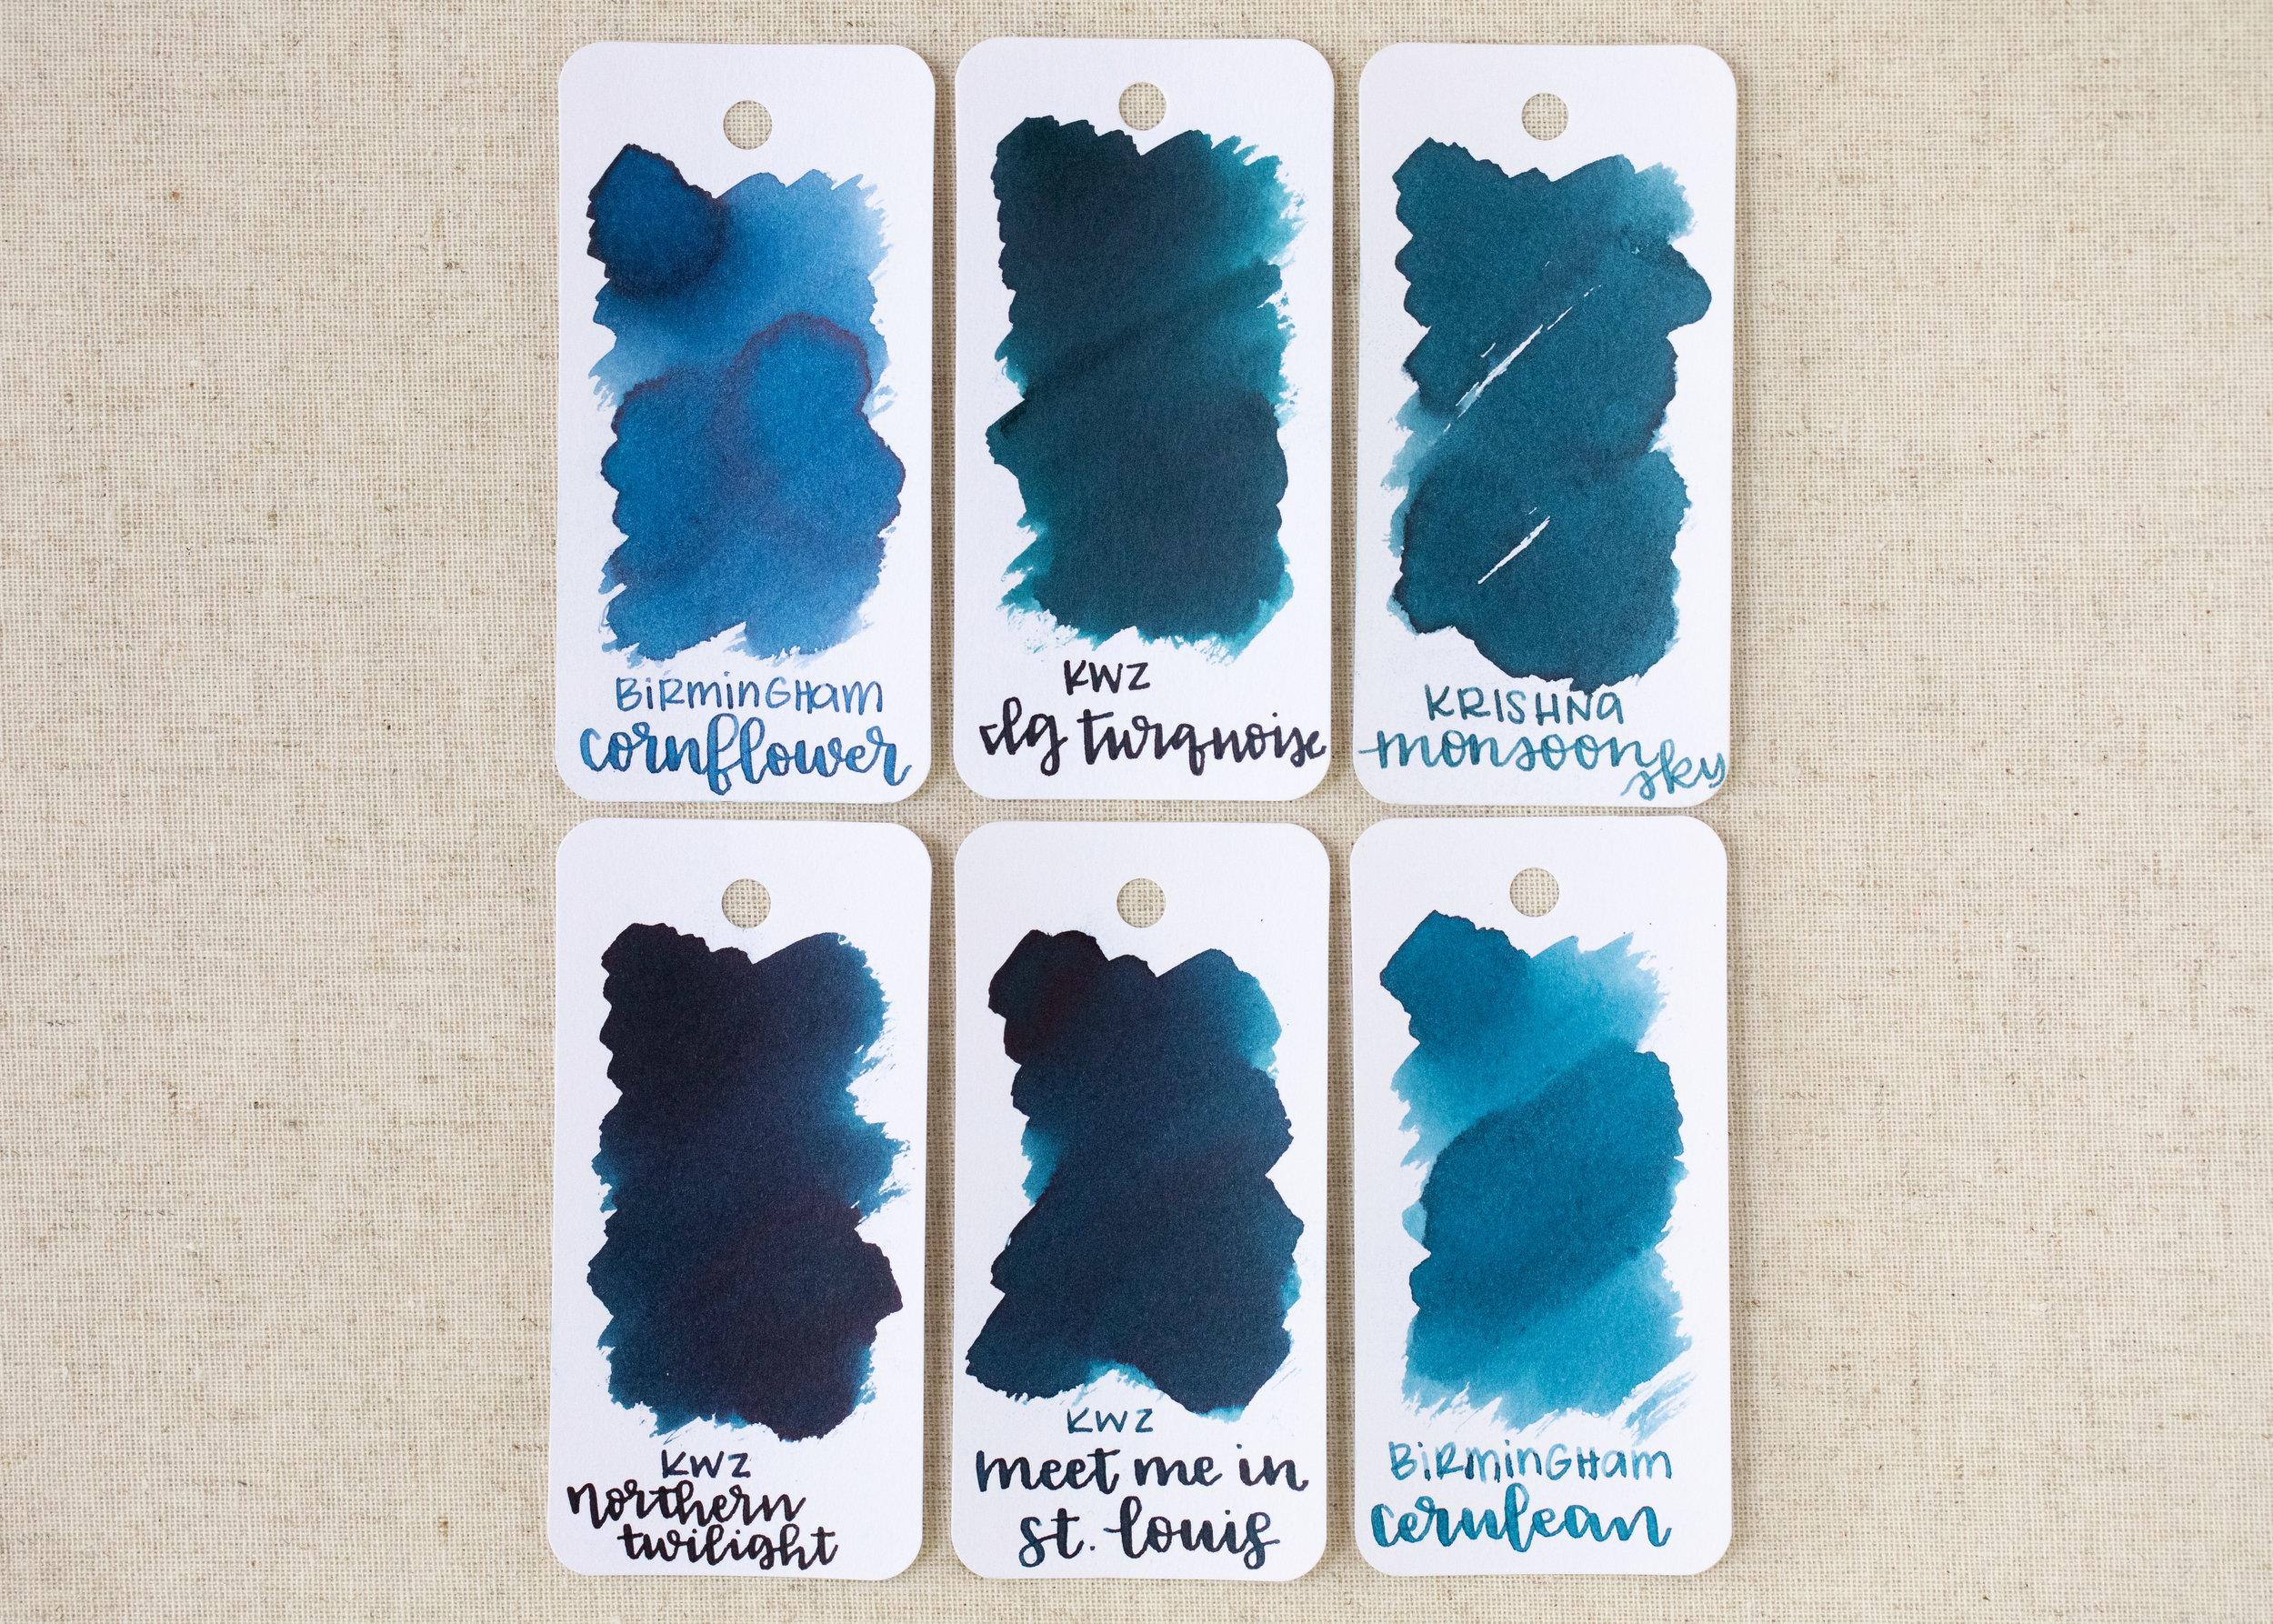 kwz-ig-turquoise-s-1.jpg